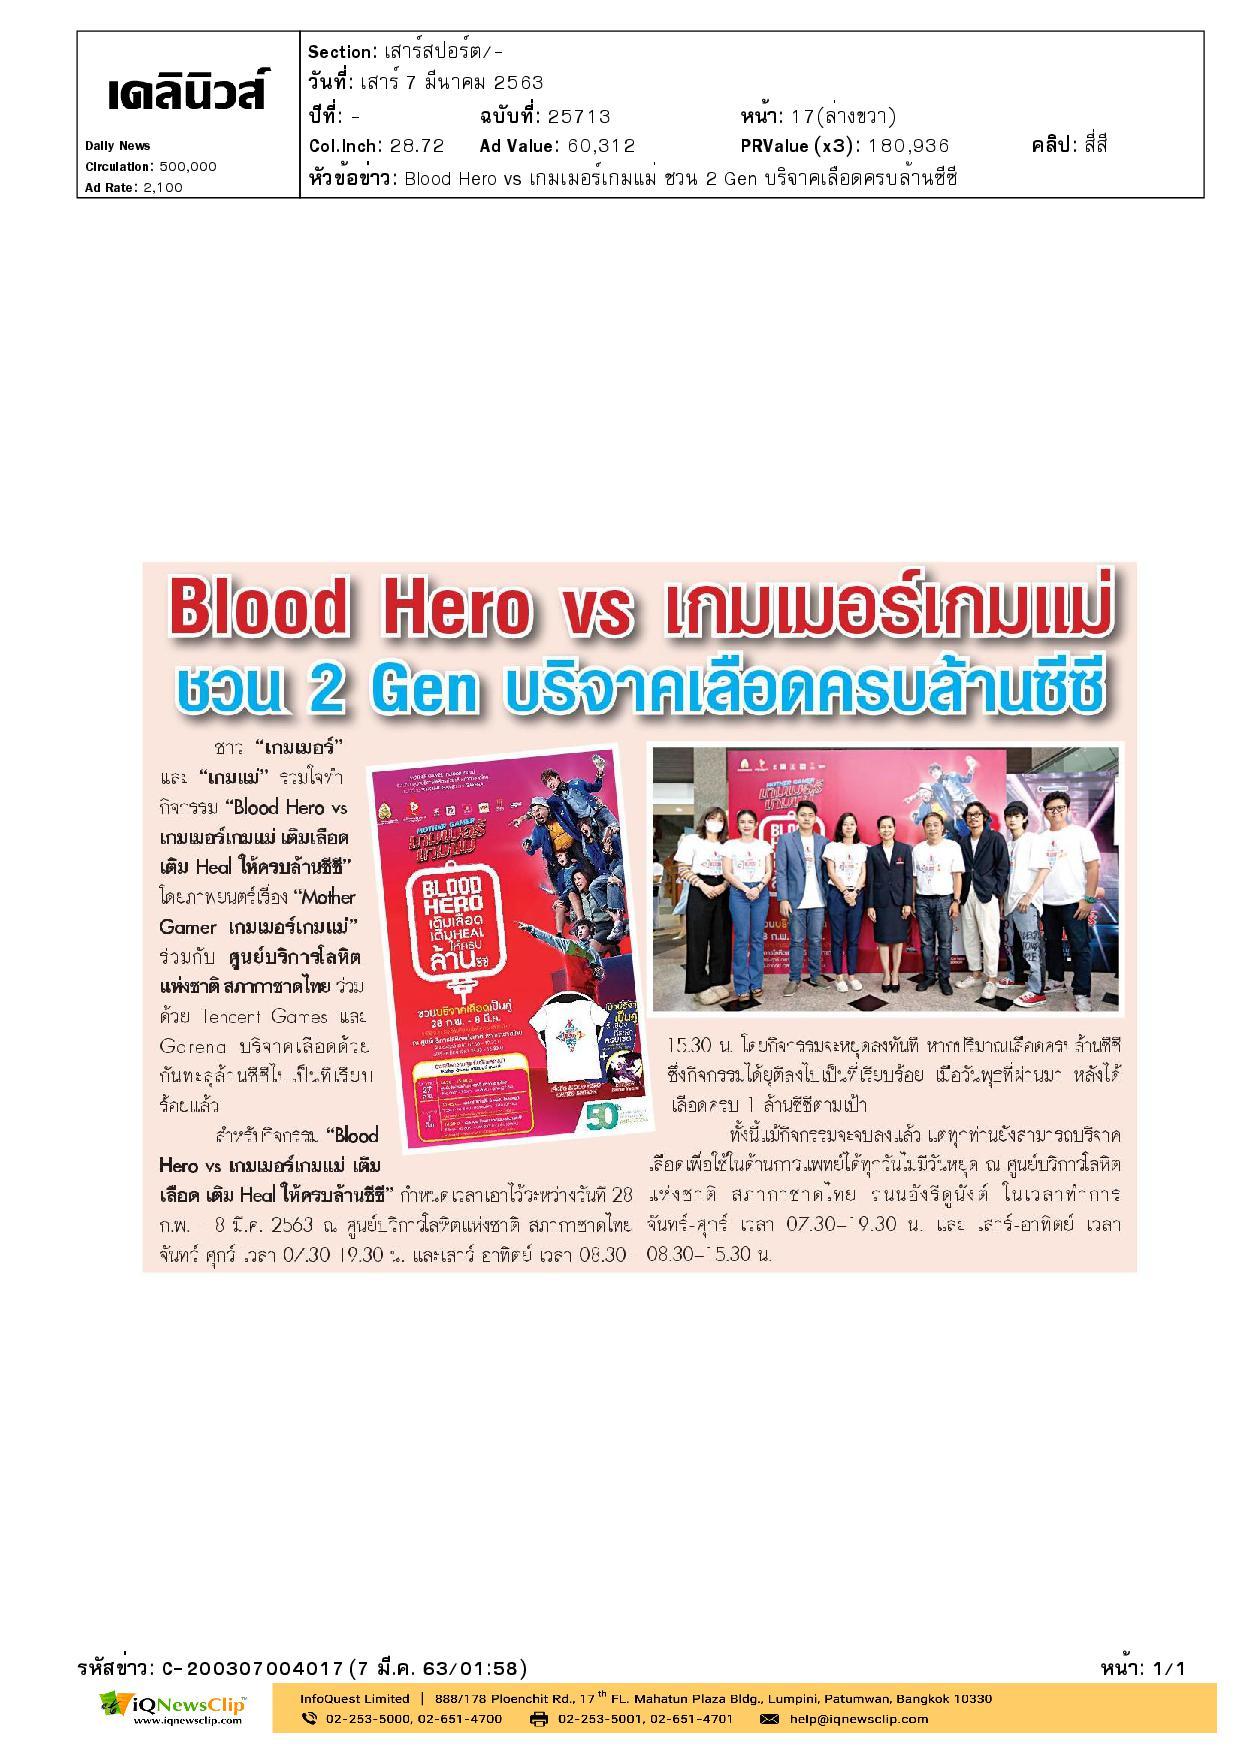 """โครงการ """"BLOOD HERO vs เกมเมอร์เกมแม่ เติมเลือด เติม Heal ให้ครบล้านซีซี"""""""